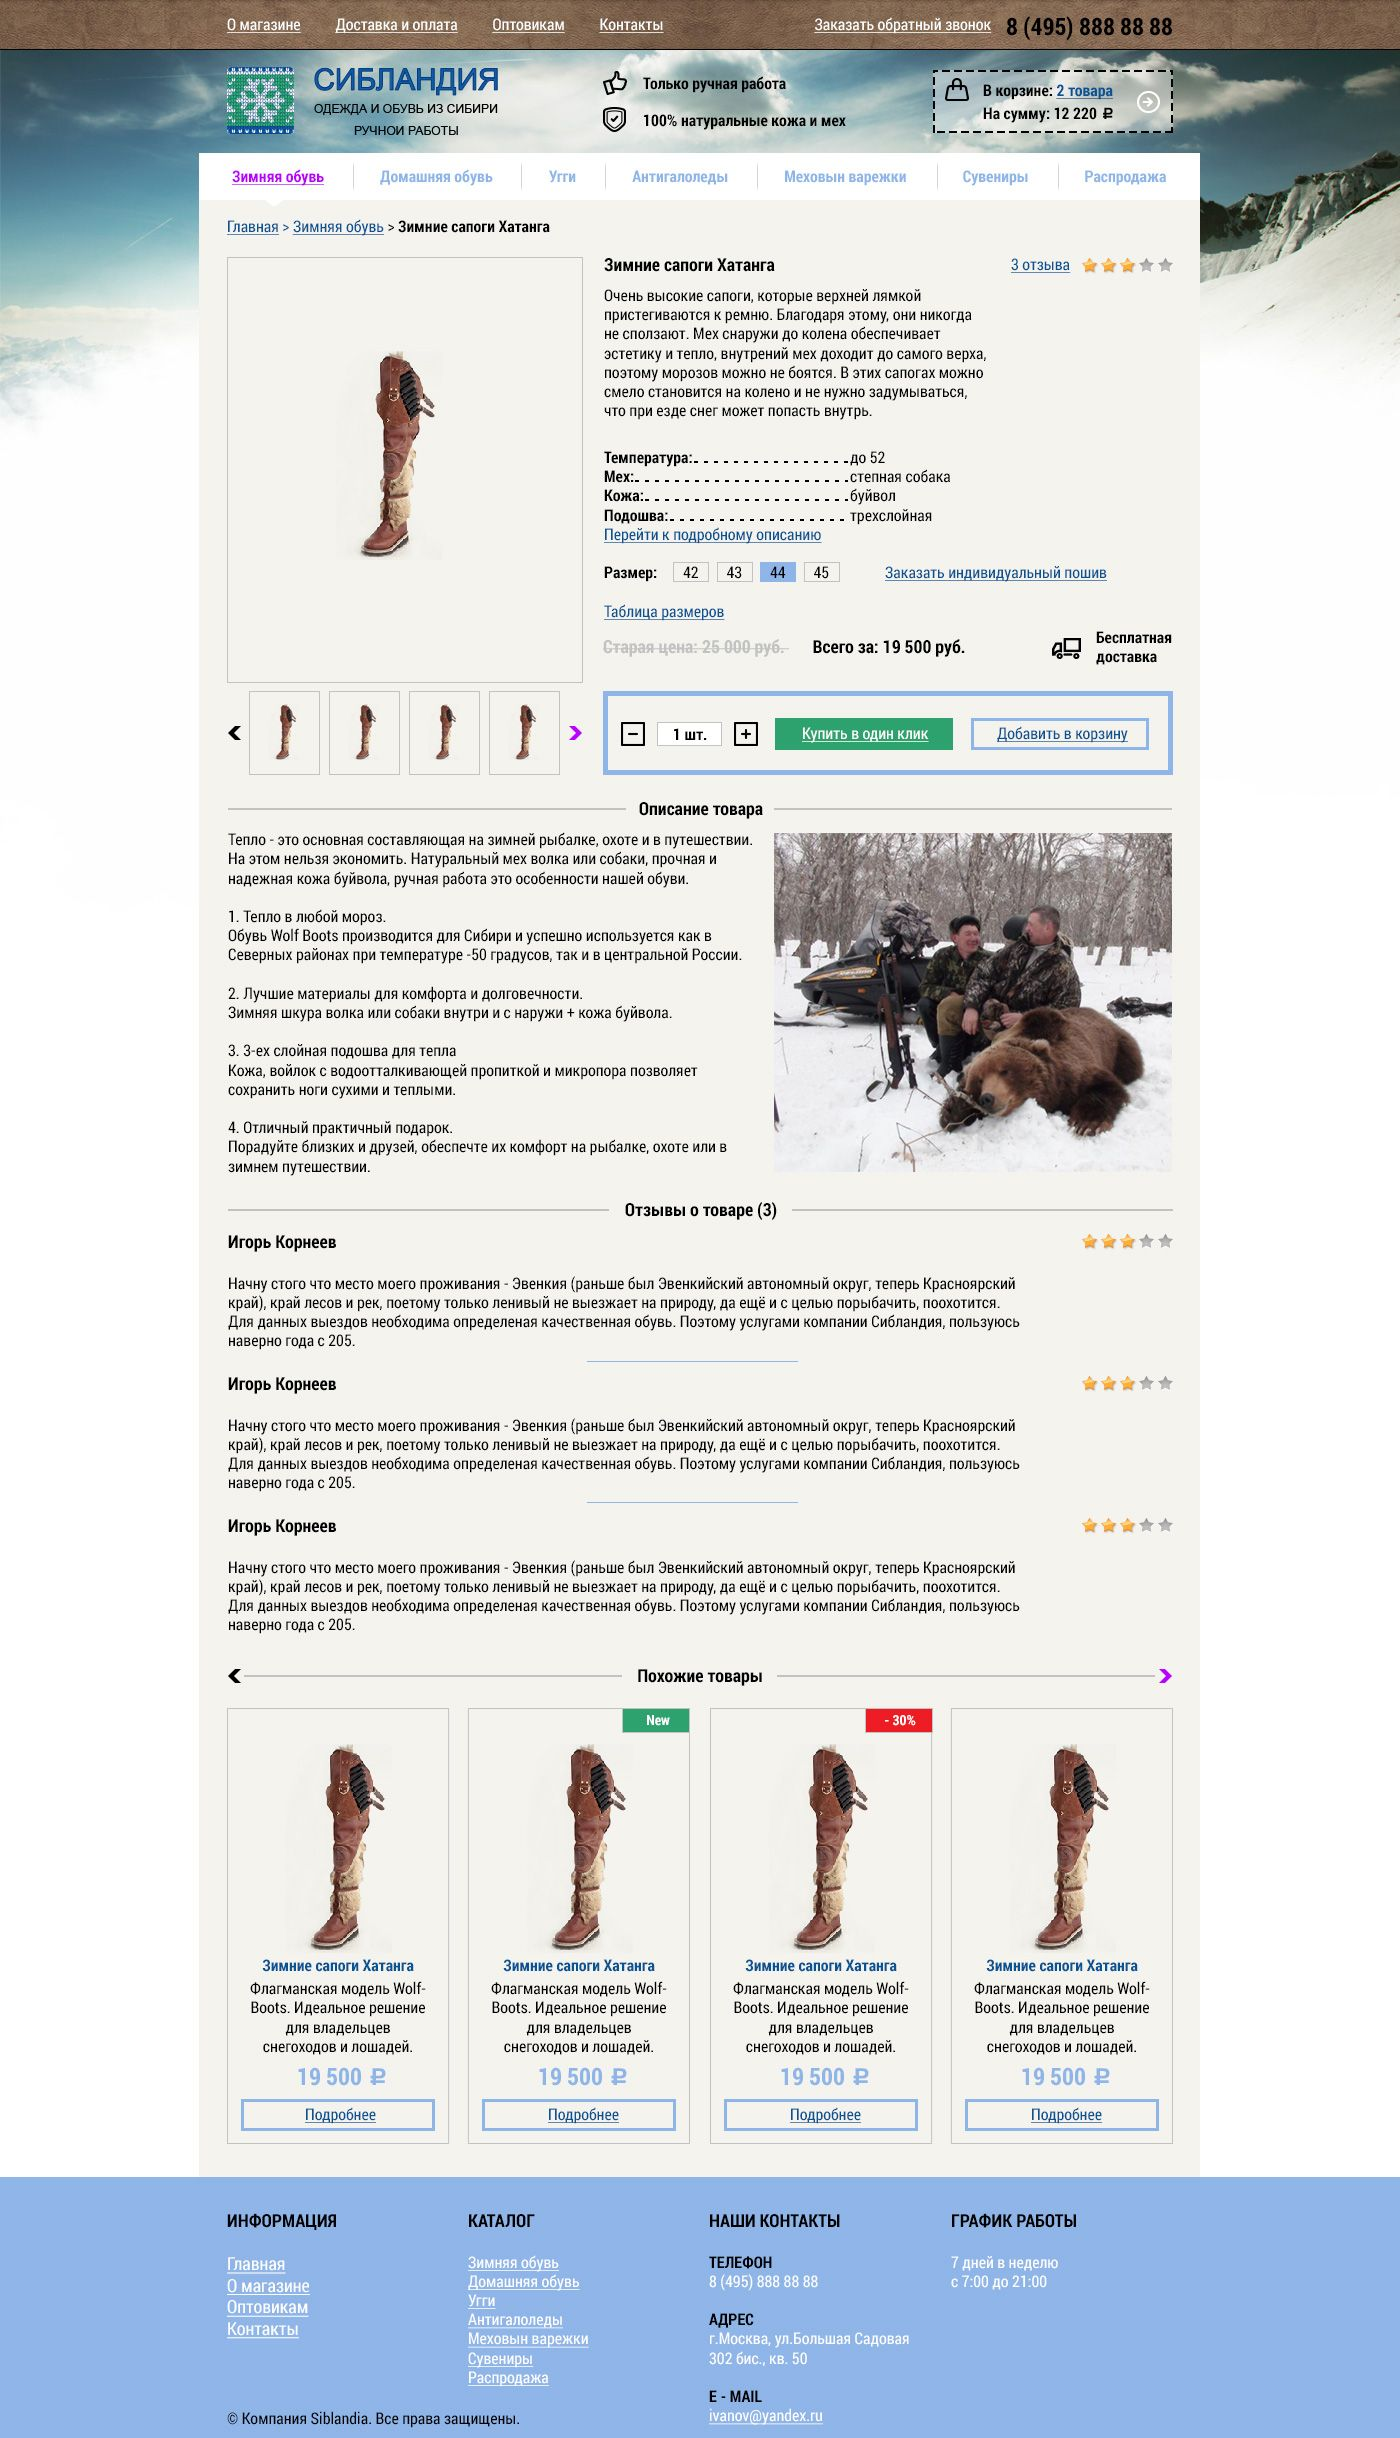 Дизайн сайта Сибландия — siblandia.ru - дизайнер djobsik